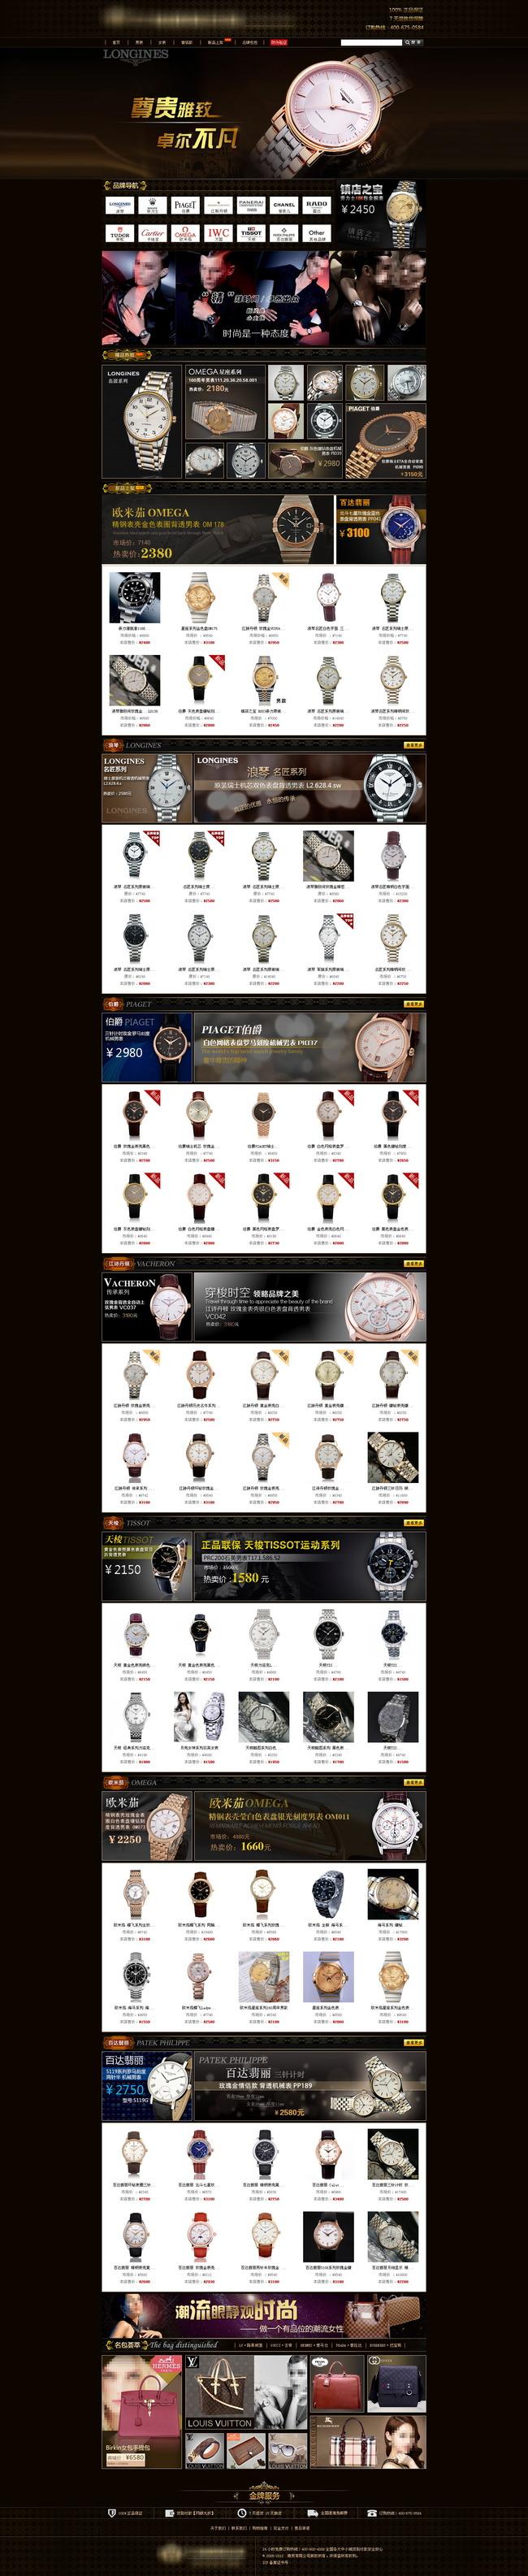 淘寶天貓男性手表店鋪裝修首頁模板